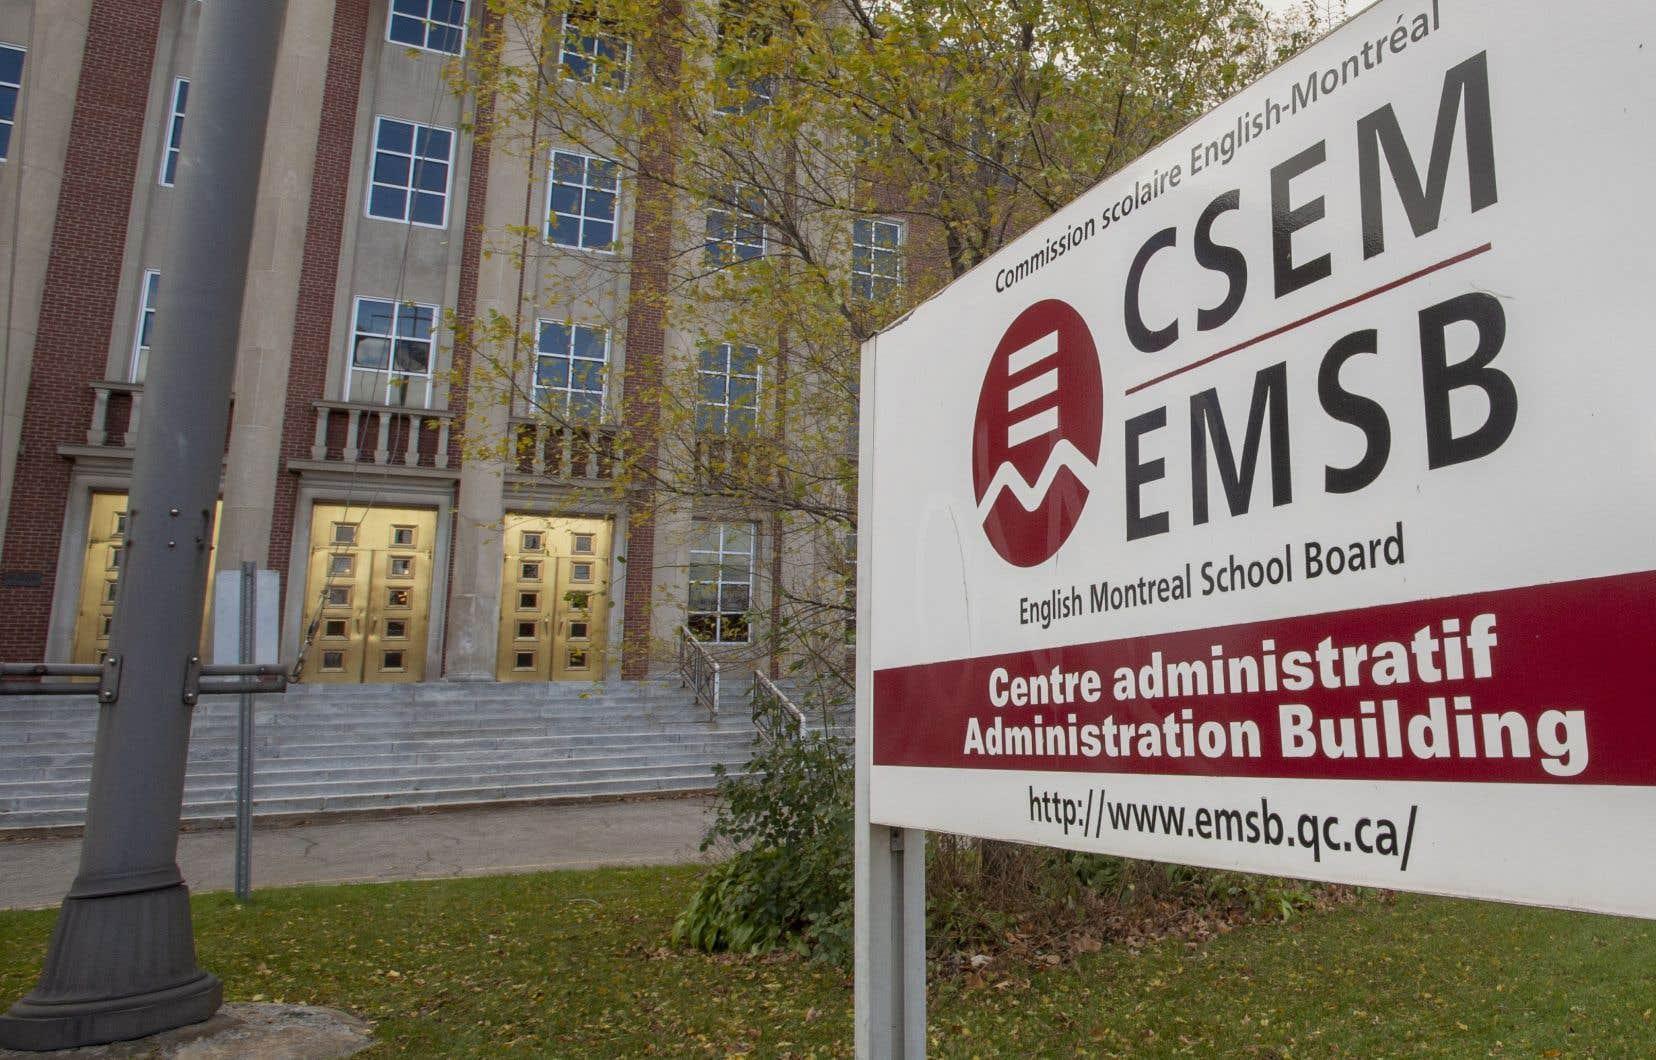 La CSEM reproche surtout au ministre d'avoir multiplié les sorties la visant sans lui remettre le rapport d'enquête du ministère de l'Éducation.